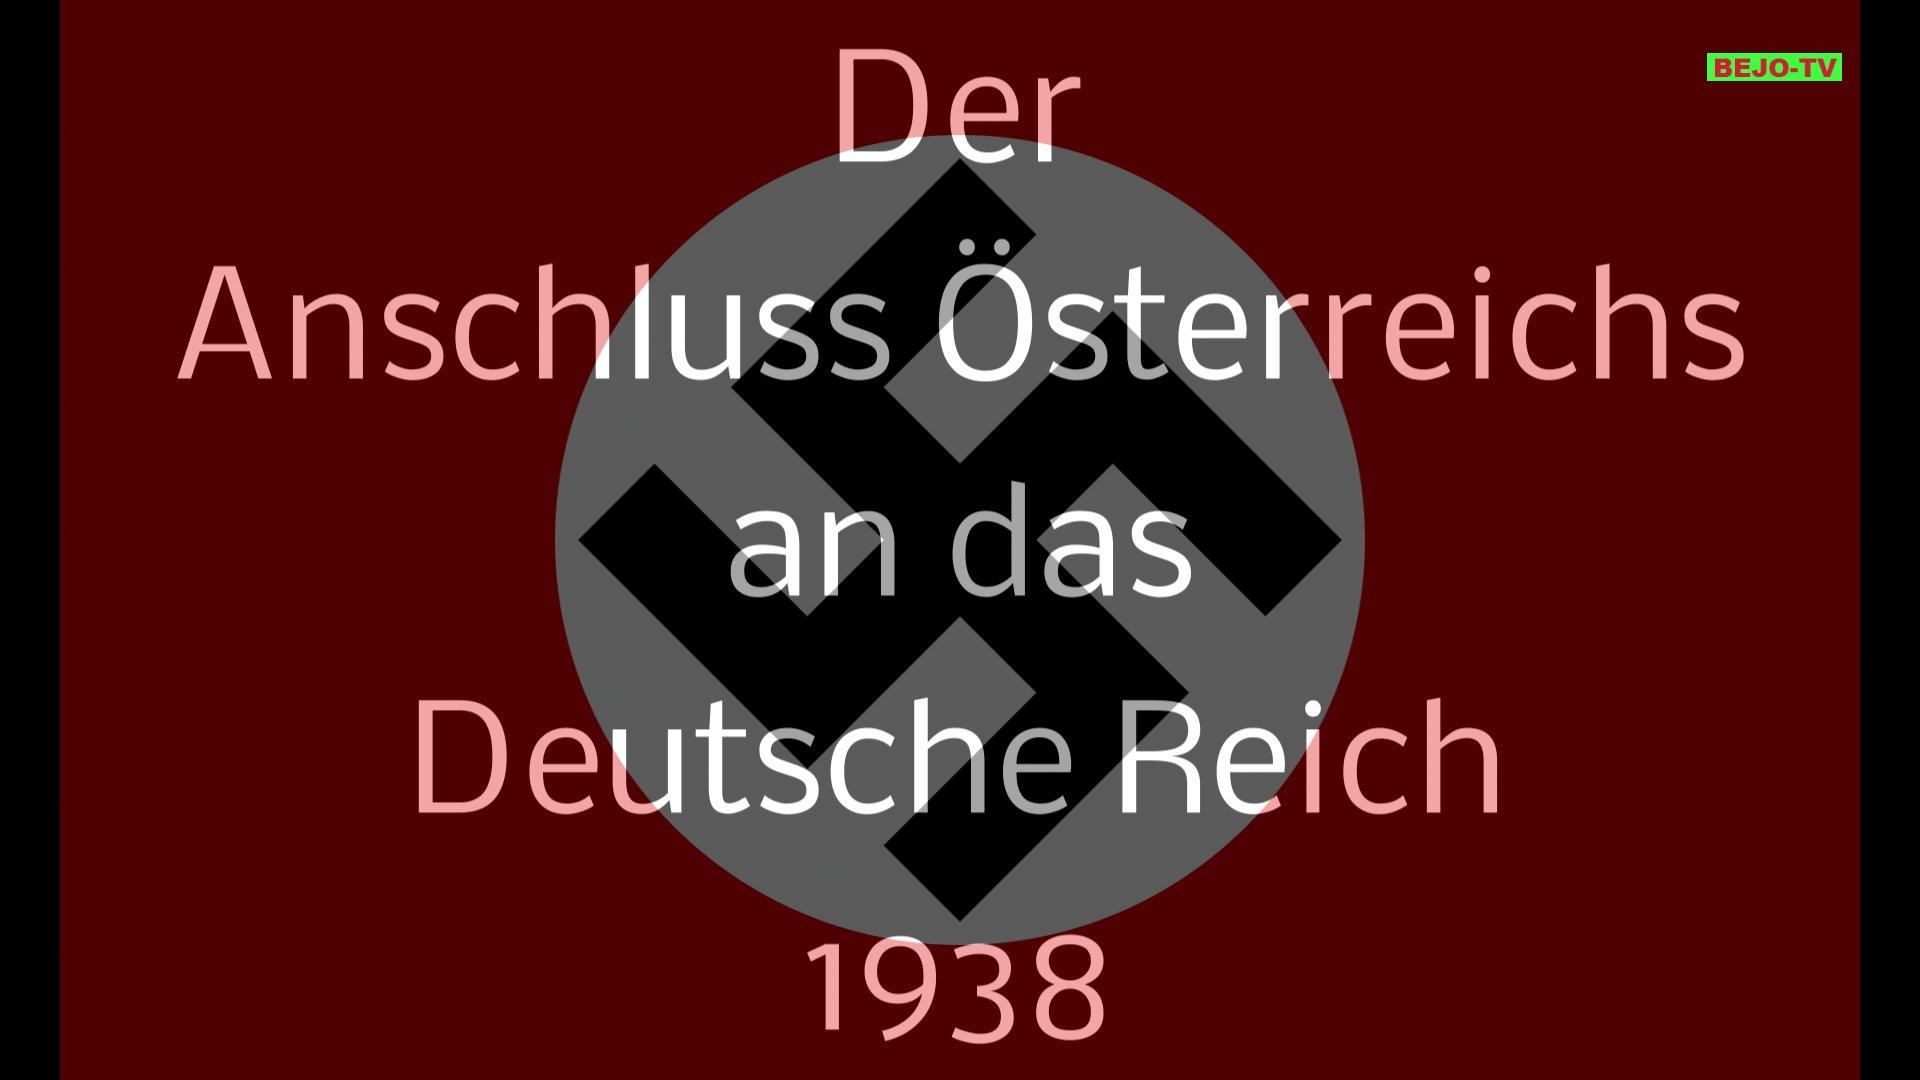 Der Anschluss Österreichs im Jahr 1938